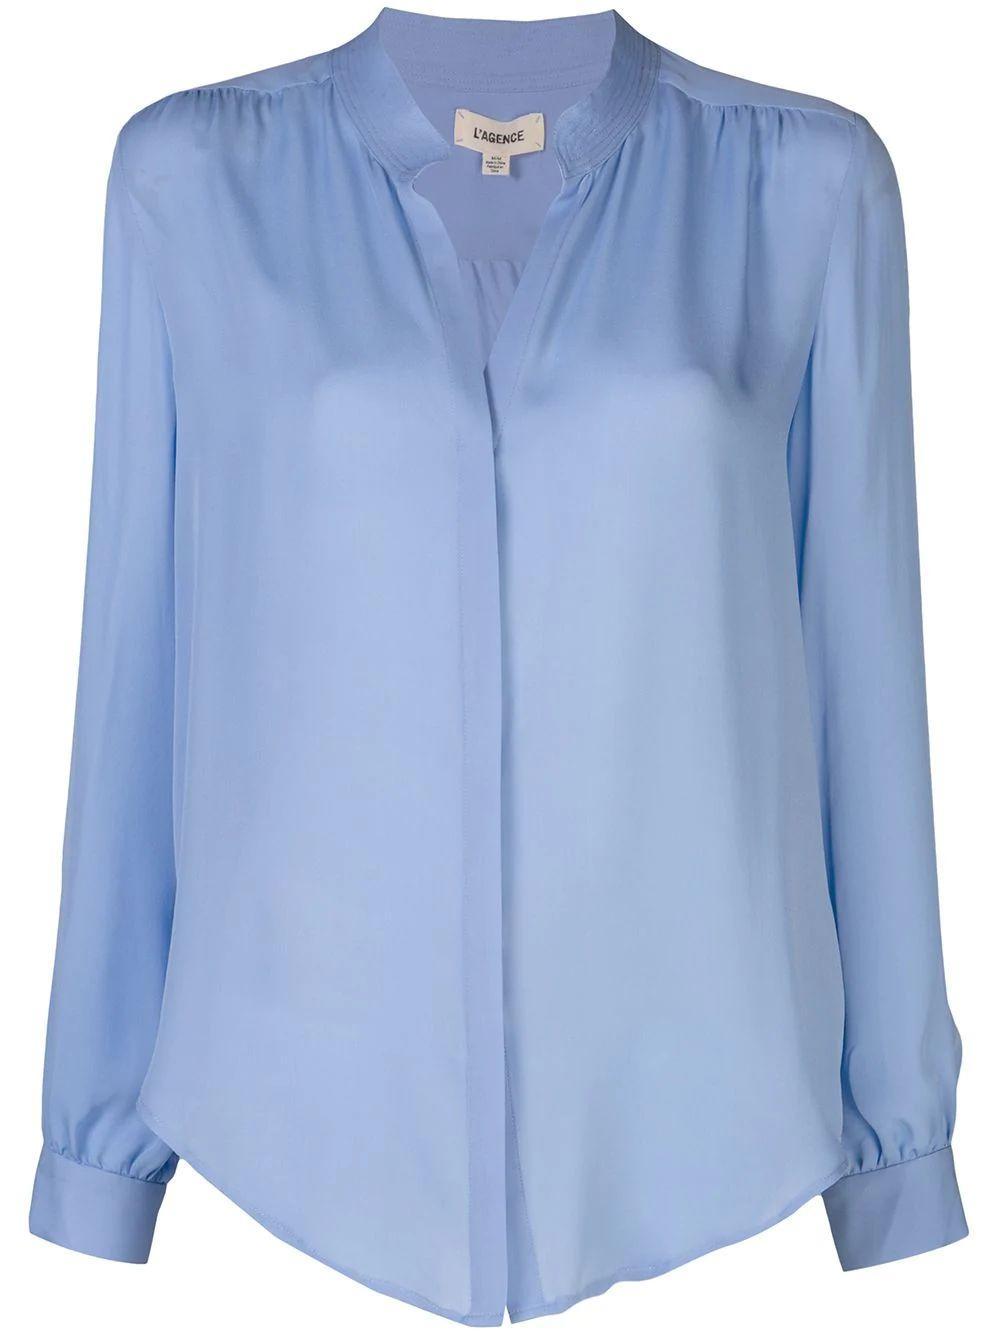 Bianca Band Collar Blouse Item # 4490GG-SP20